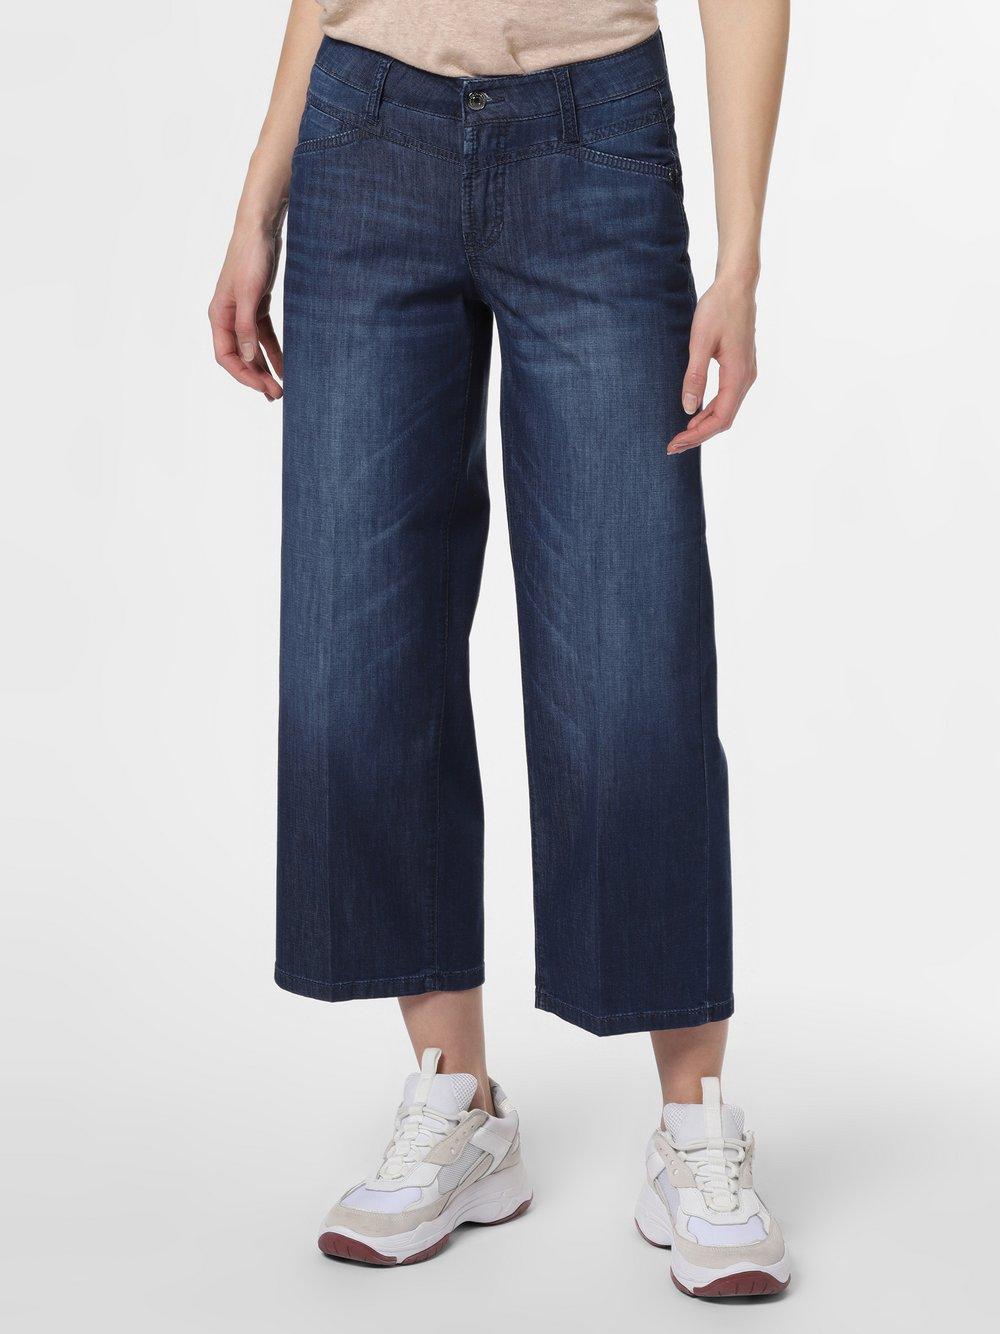 Cambio - Spodnie damskie – Casey, niebieski